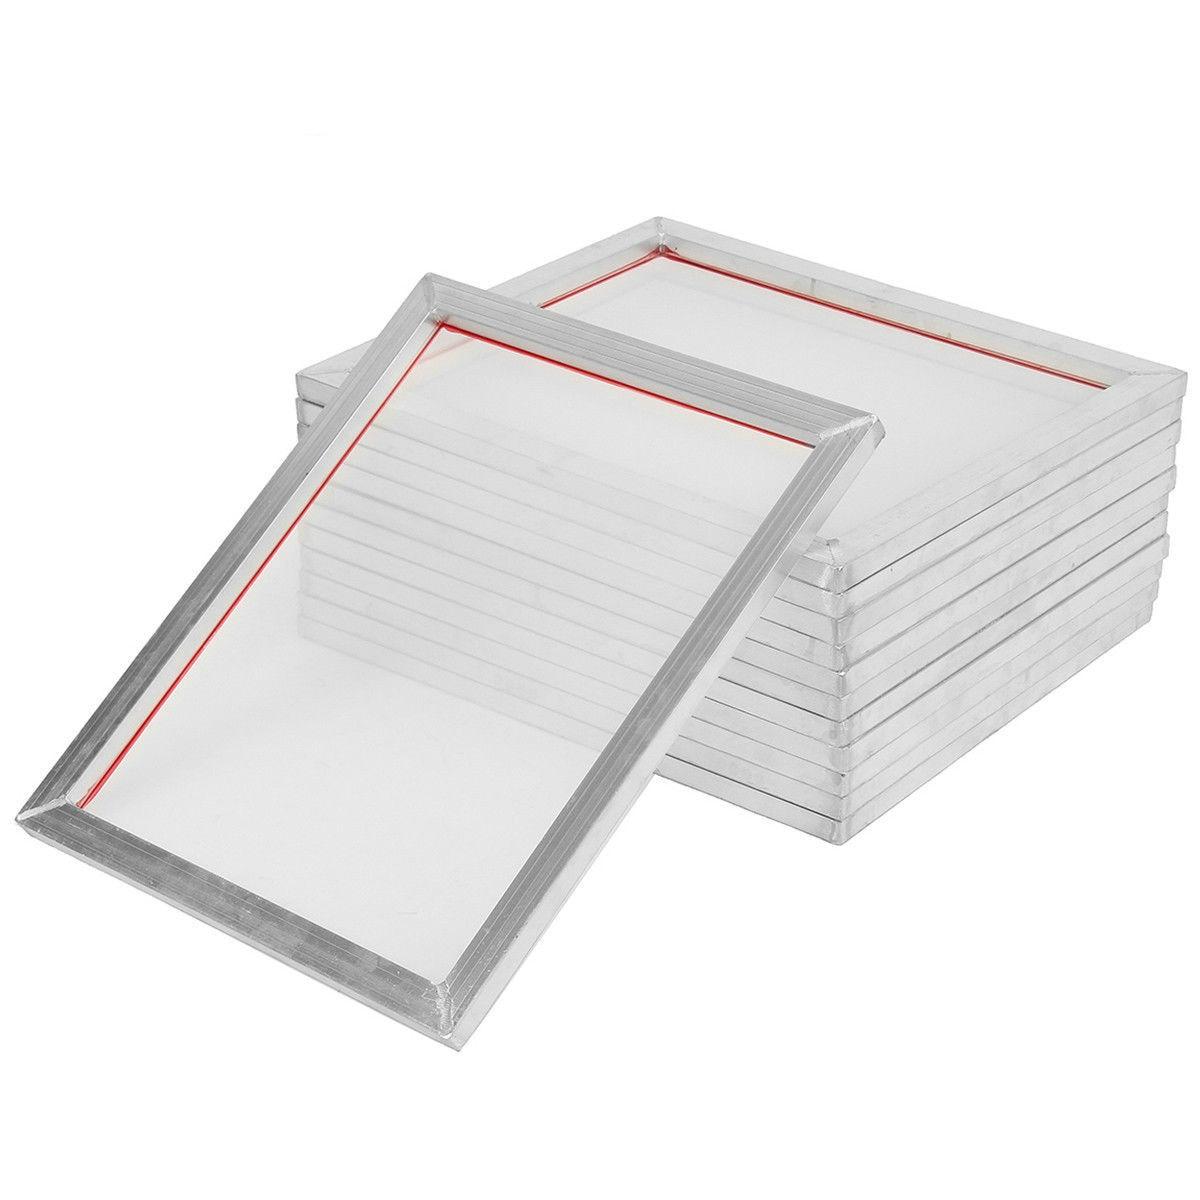 5 قطعة A5 شاشة الطباعة الألومنيوم الإطار امتدت 32*22 سنتيمتر مع 32T-120T الحرير طباعة شبكة بوليستر لوحات الدوائر المطبوعة